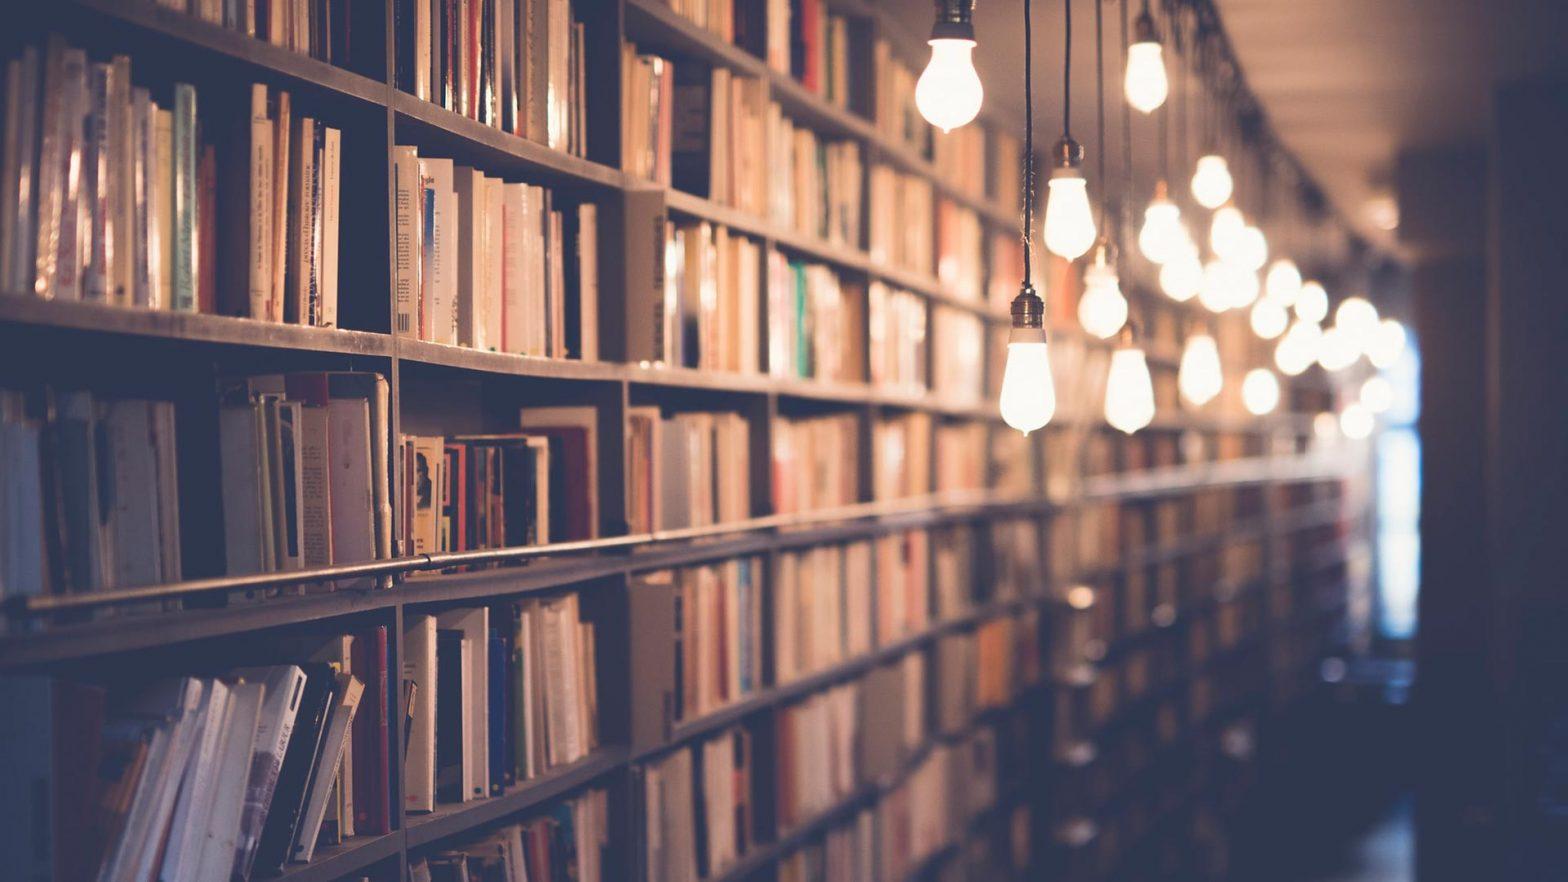 books in a shop